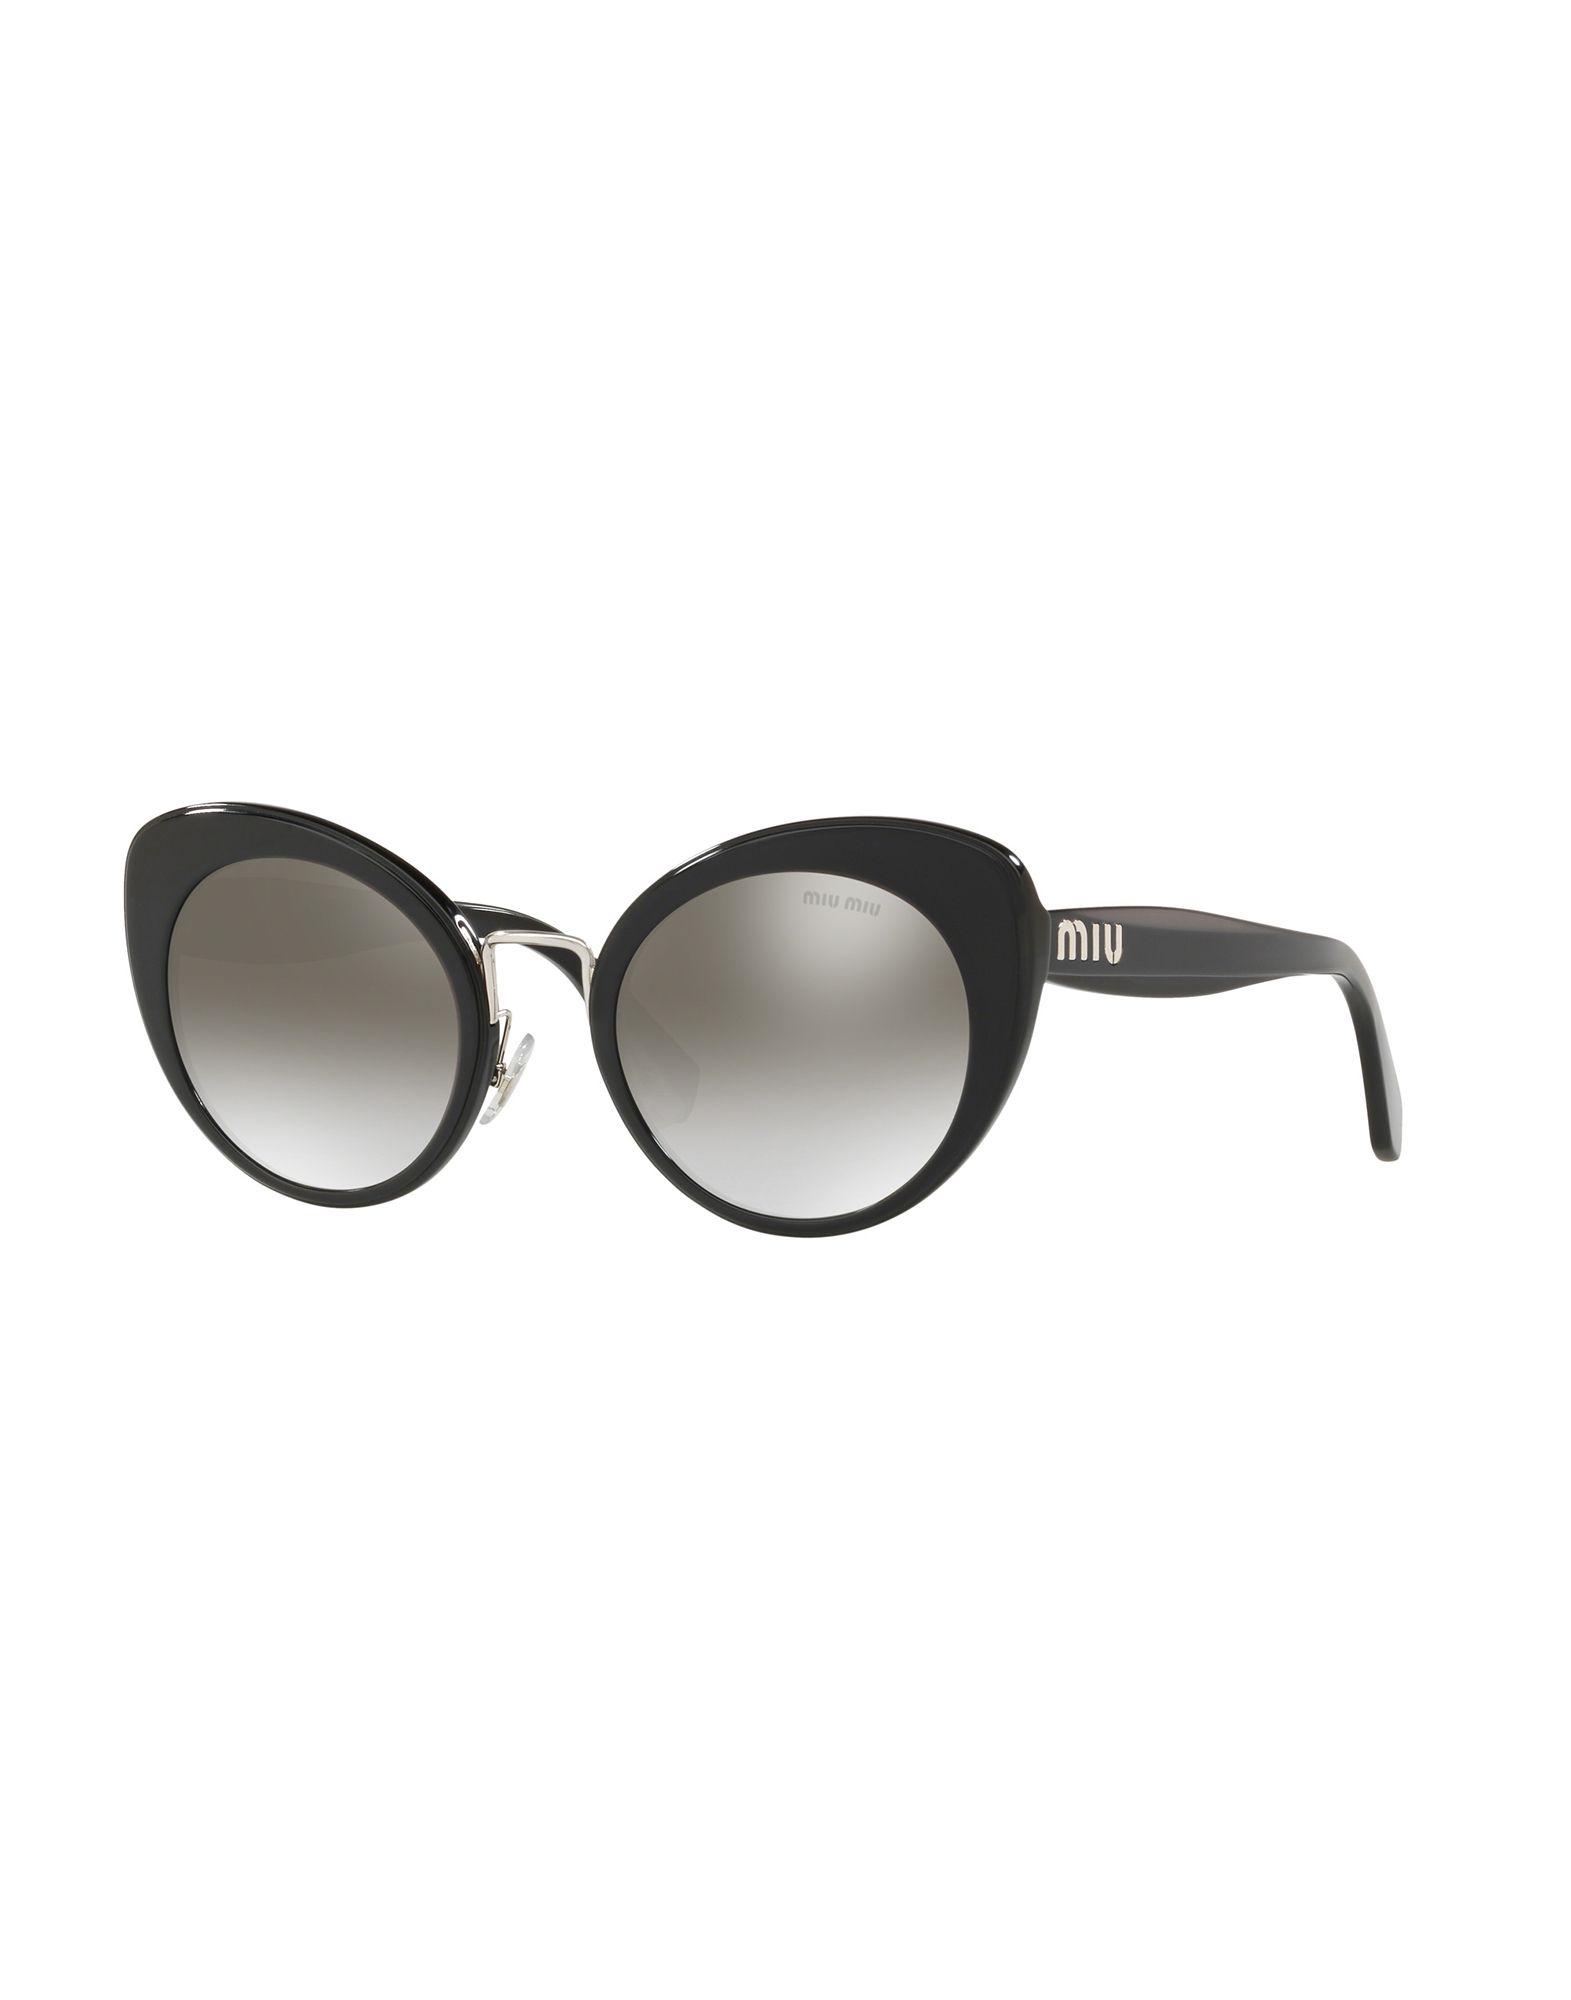 MIU MIU Солнечные очки оправа miu miu miu miu mi007dwhag36